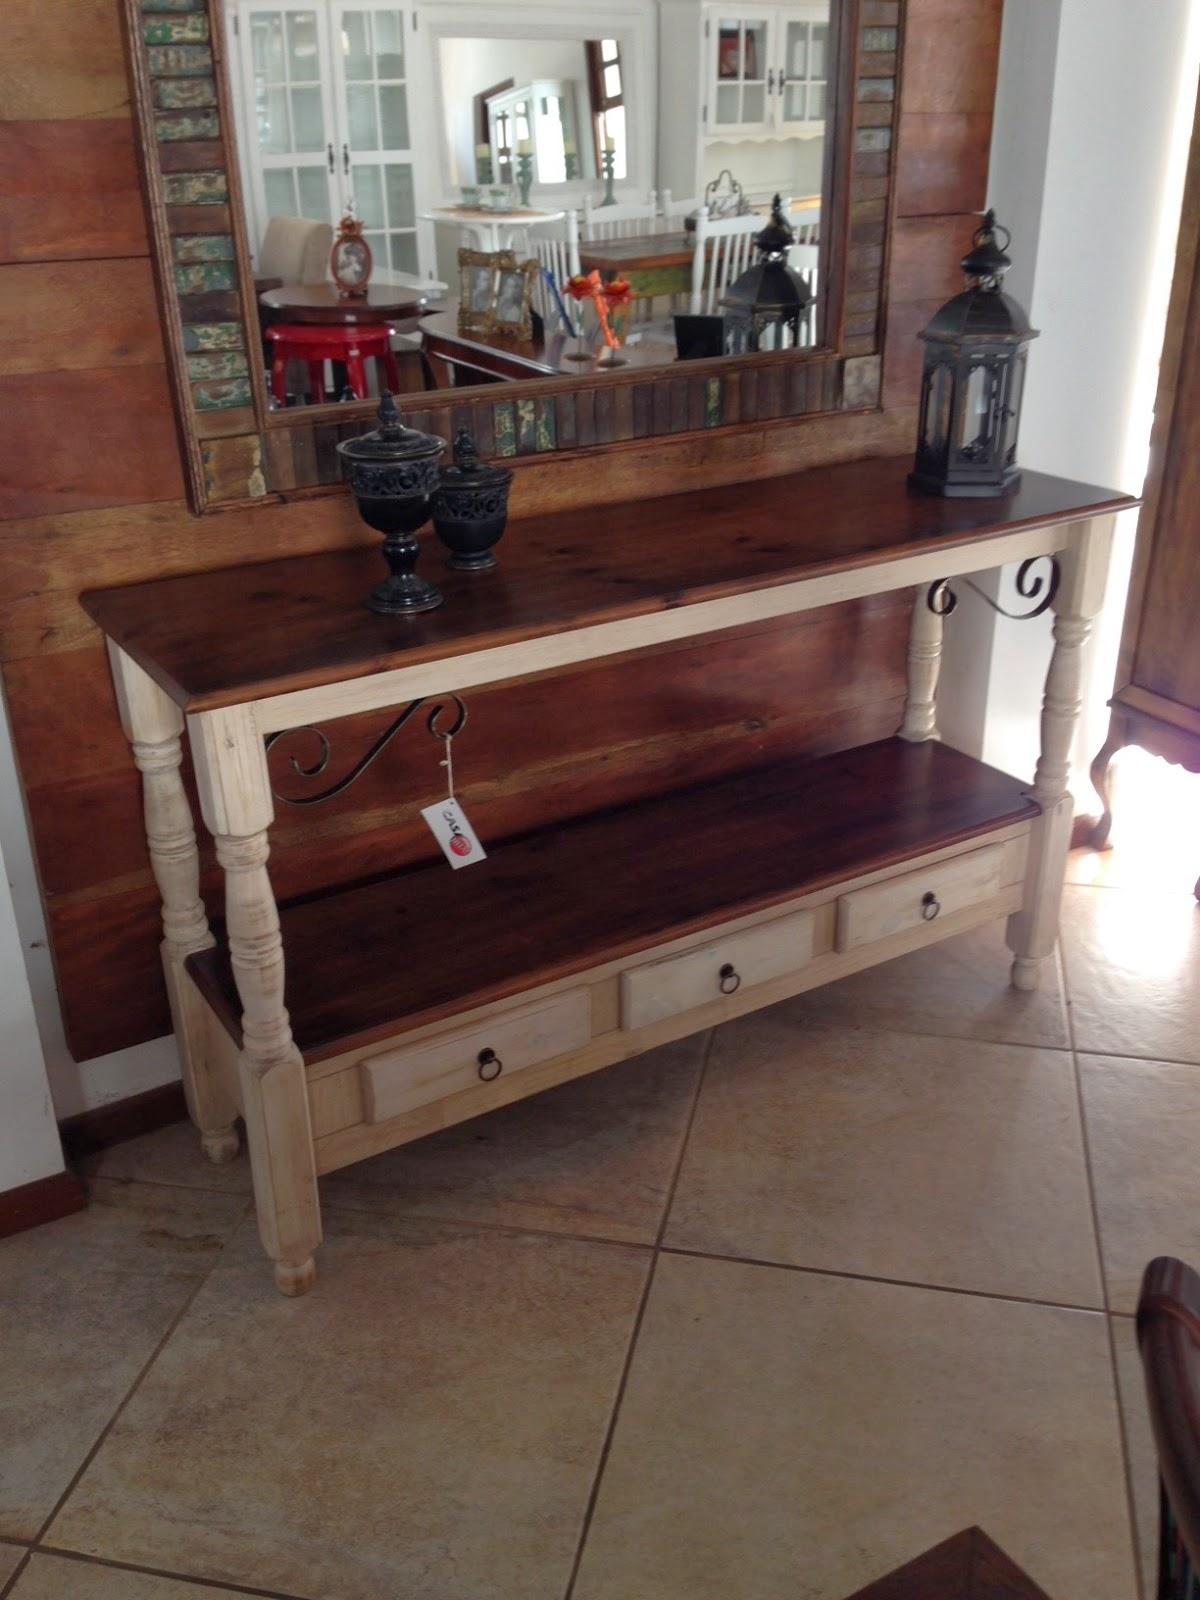 Casa Mix: Aparador de madeira envelhecido com detalhe em ferro #664438 1200x1600